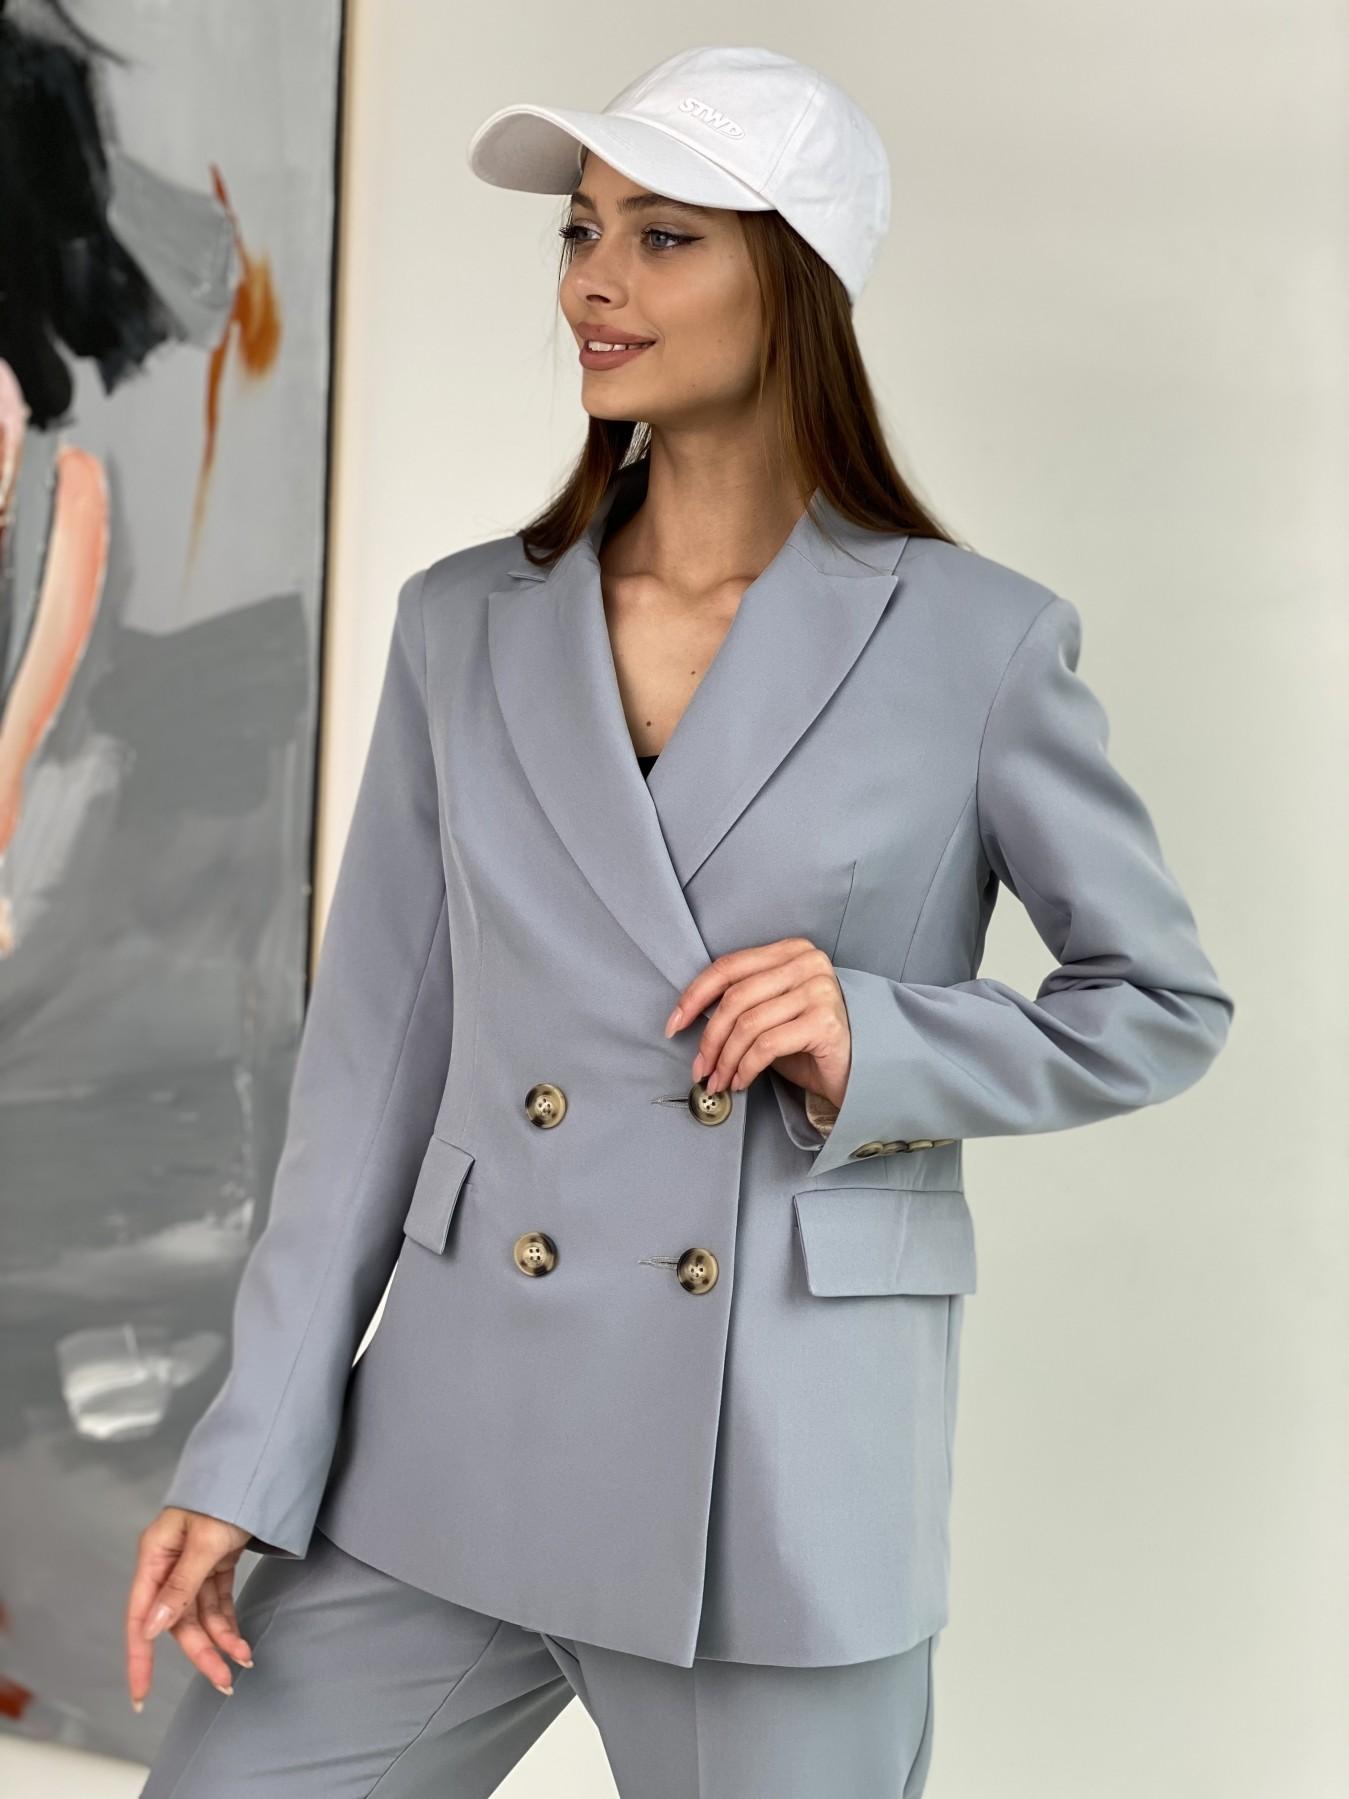 Франко костюм стрейчевый из костюмной ткани 11090 АРТ. 47971 Цвет: Серый - фото 2, интернет магазин tm-modus.ru